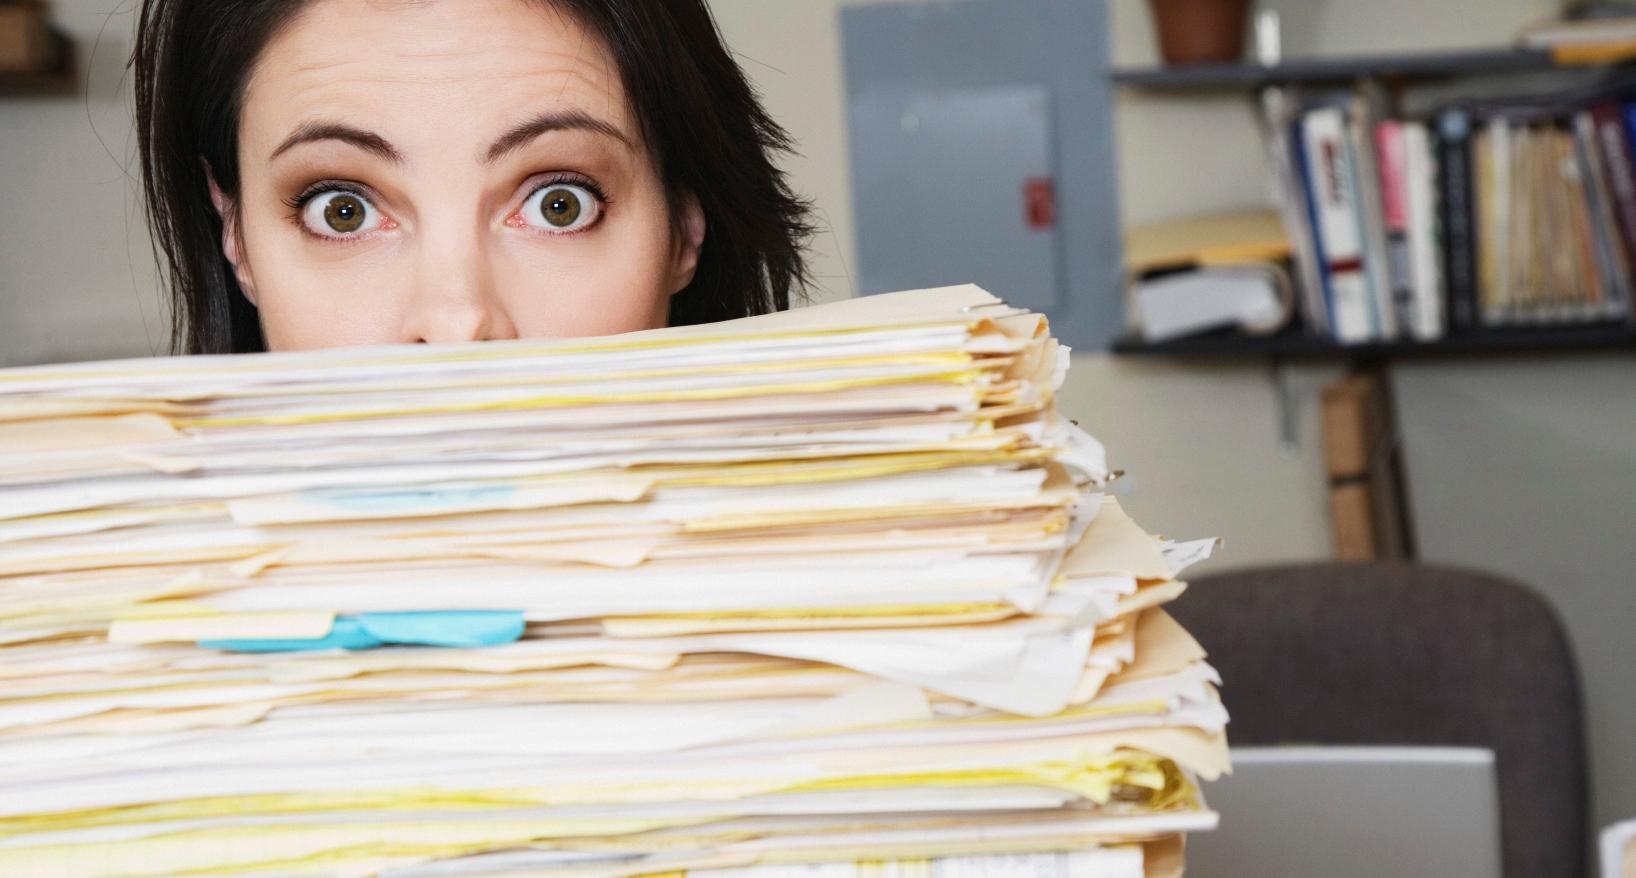 актуалізації установчих документів